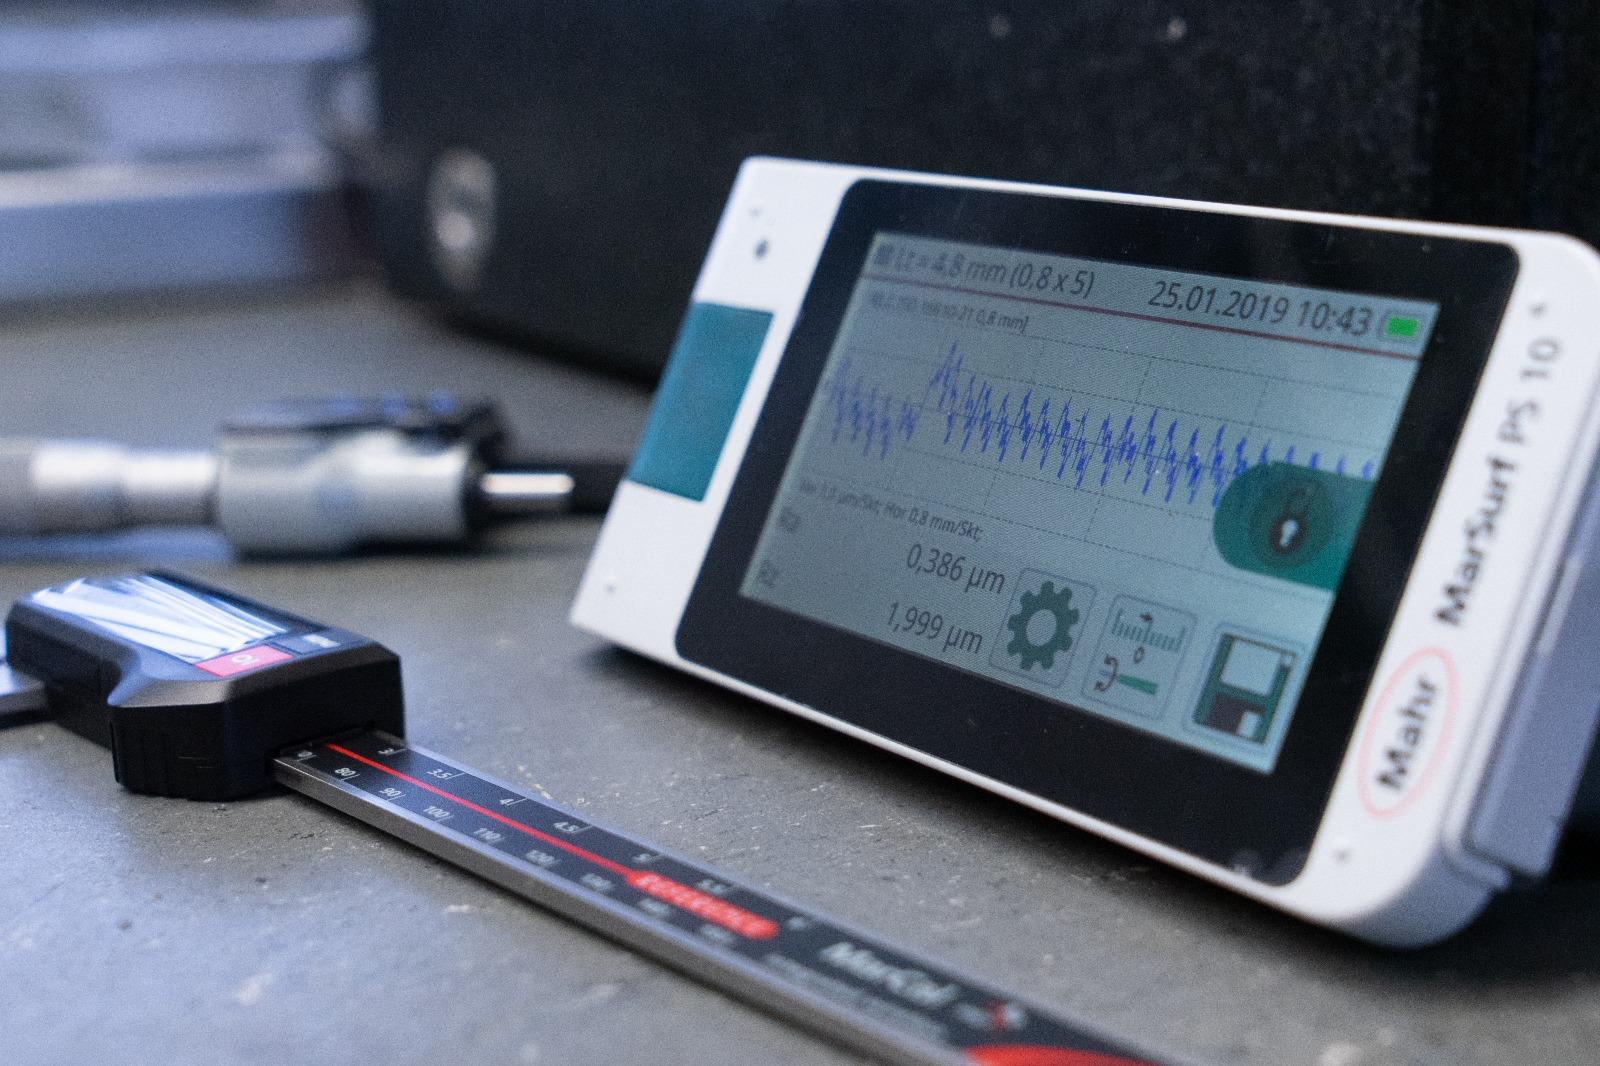 Mahr Messgeräte, Oberflächenmessgerät MAHRSurf, Messschieber mit Datenübertragung